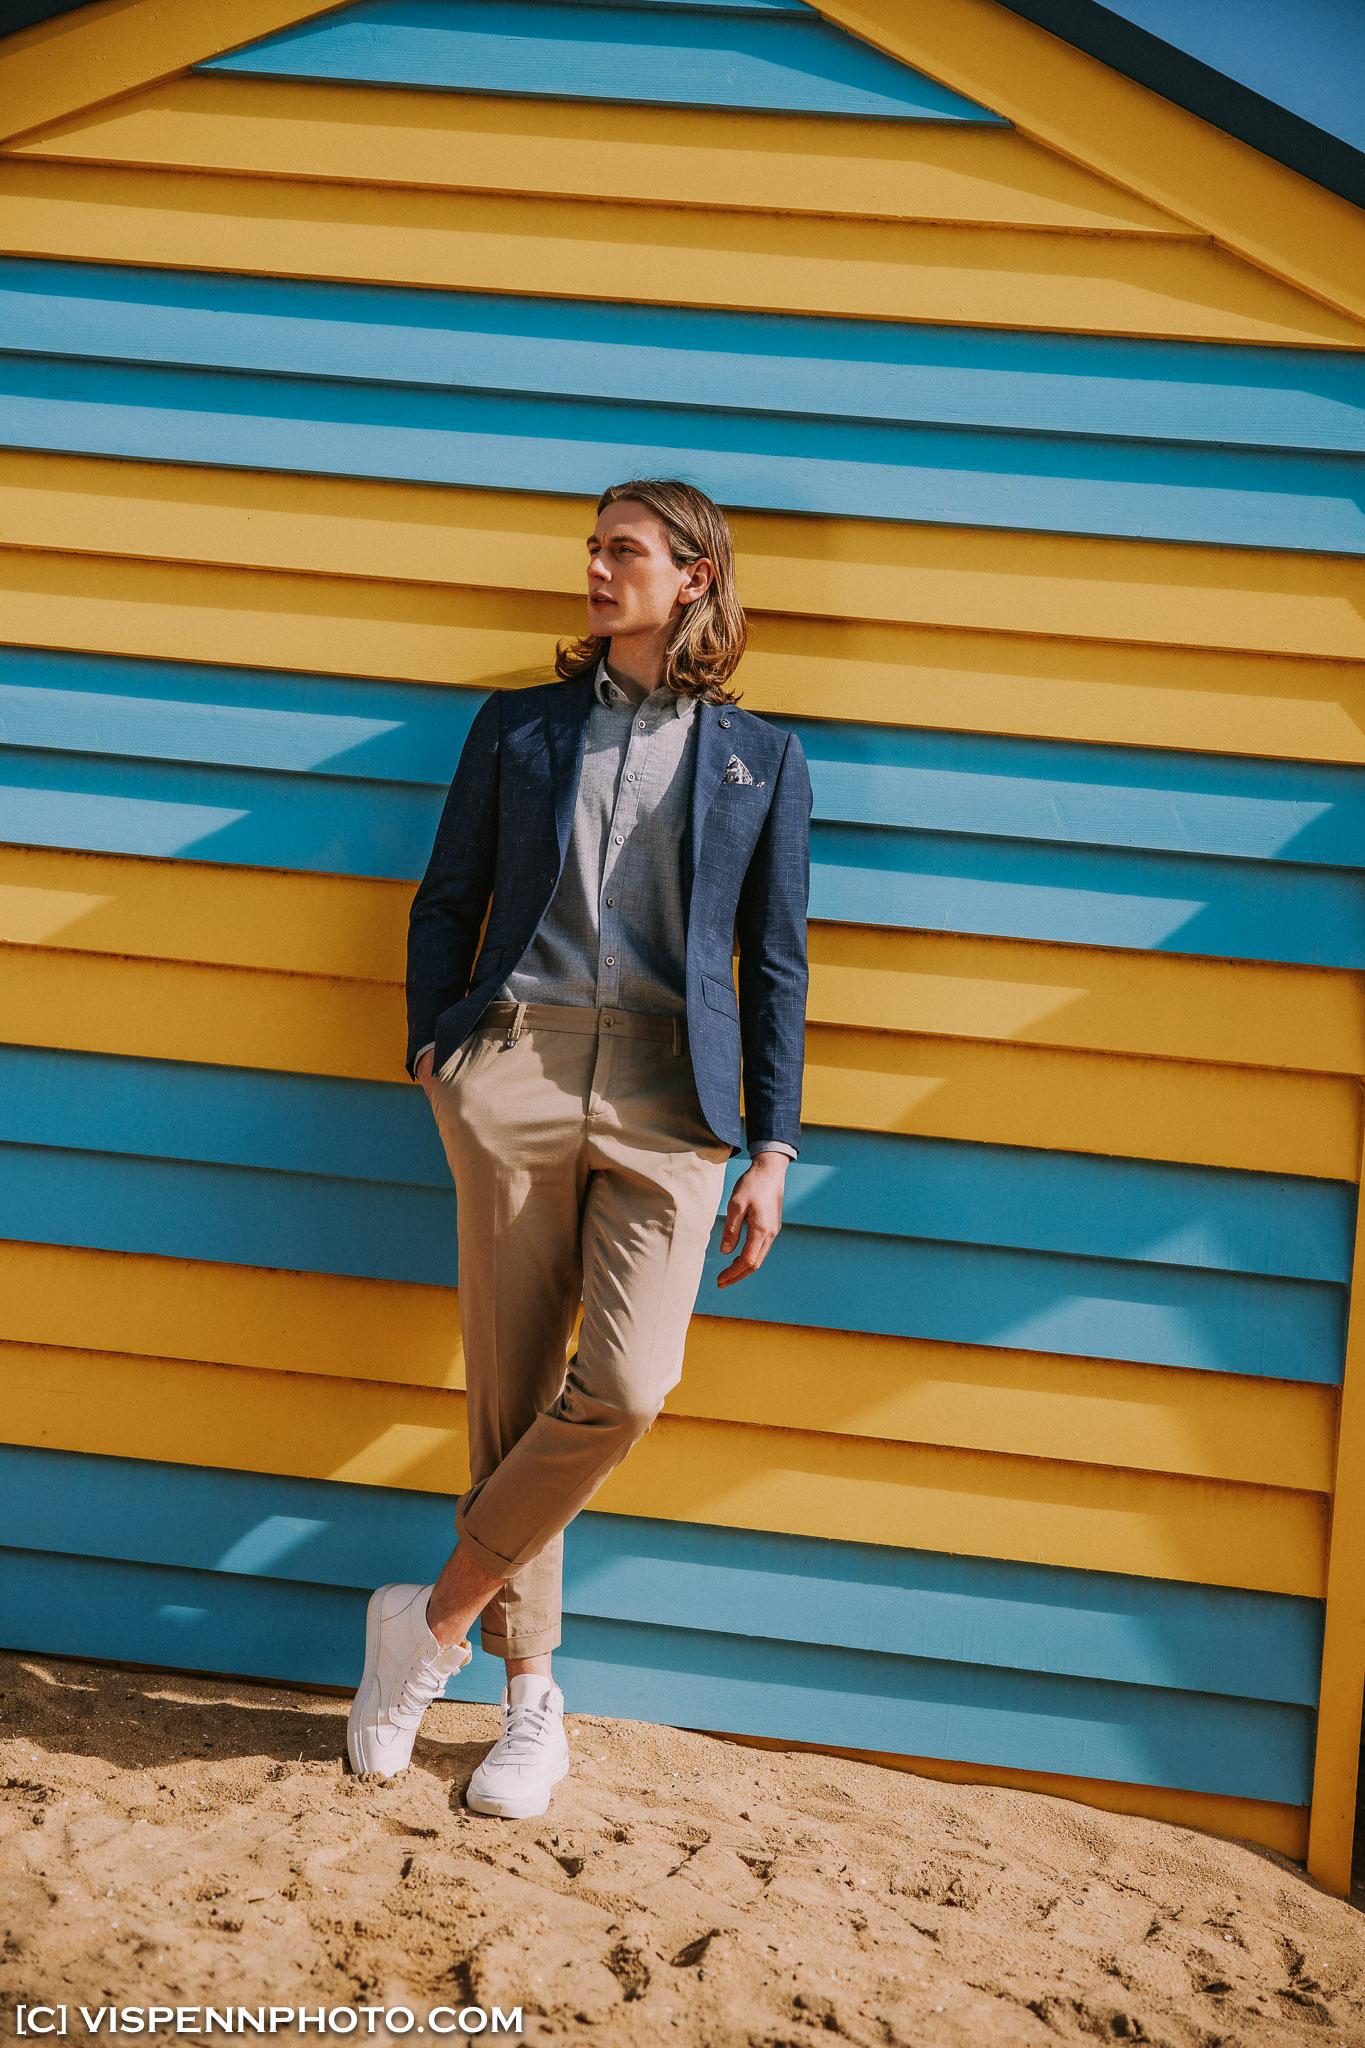 Melbourne Fashion Portrait Commercial Photography VISPENN 墨尔本 服装 商业 人像 摄影 GV 1P 04859 VISPENN